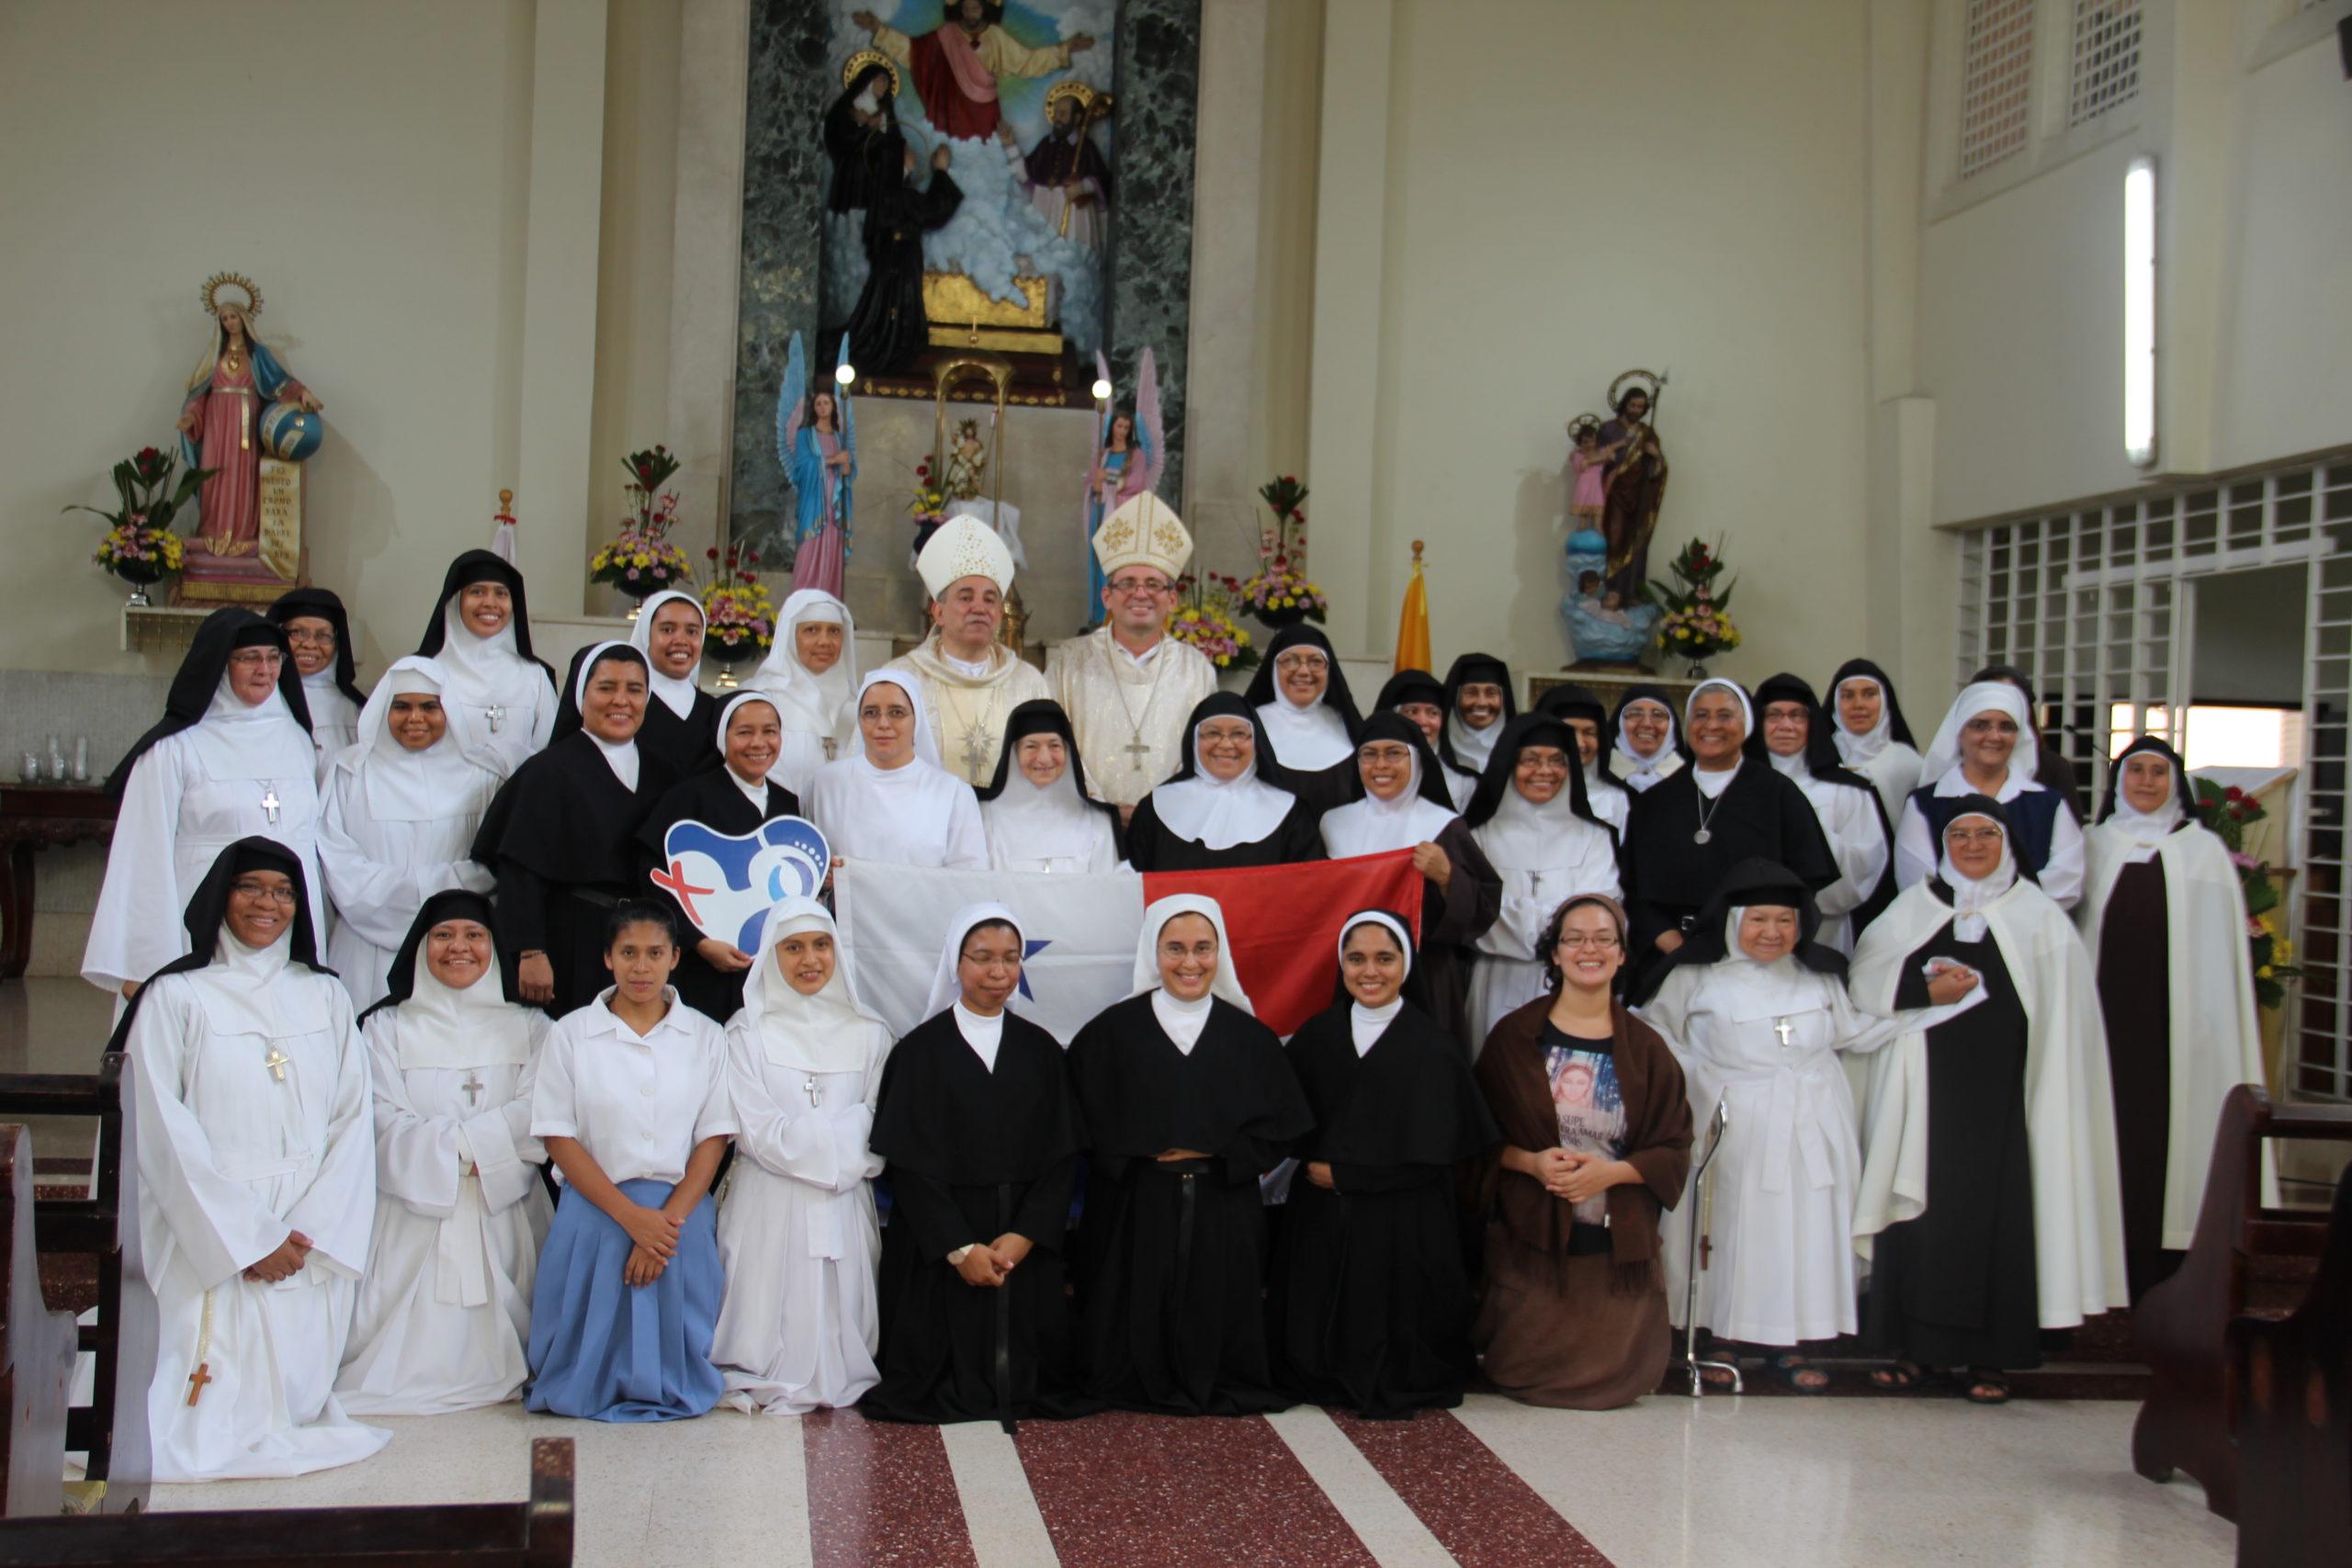 Hnas. del Monasterio de la Visitación desde su claustro, celebran sus 95 años de presencia en Panamá